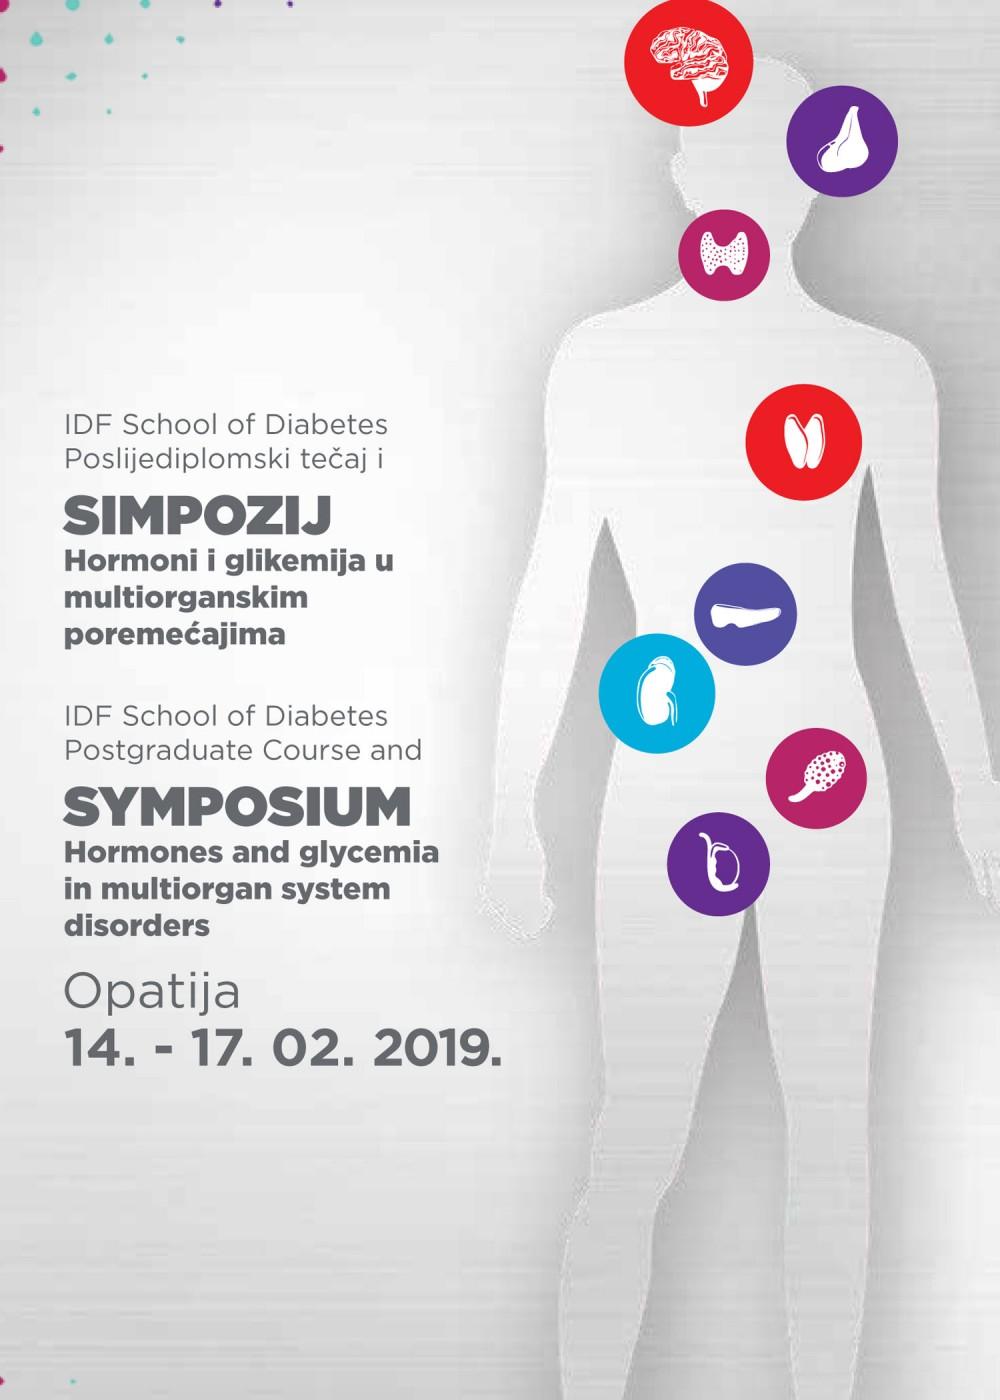 IDF School of Diabetes poslijedipolomski tečaj i simpozij Hormoni i glikemija u multiorganskim poremećajima, Opatija 14.-17.02.2019.